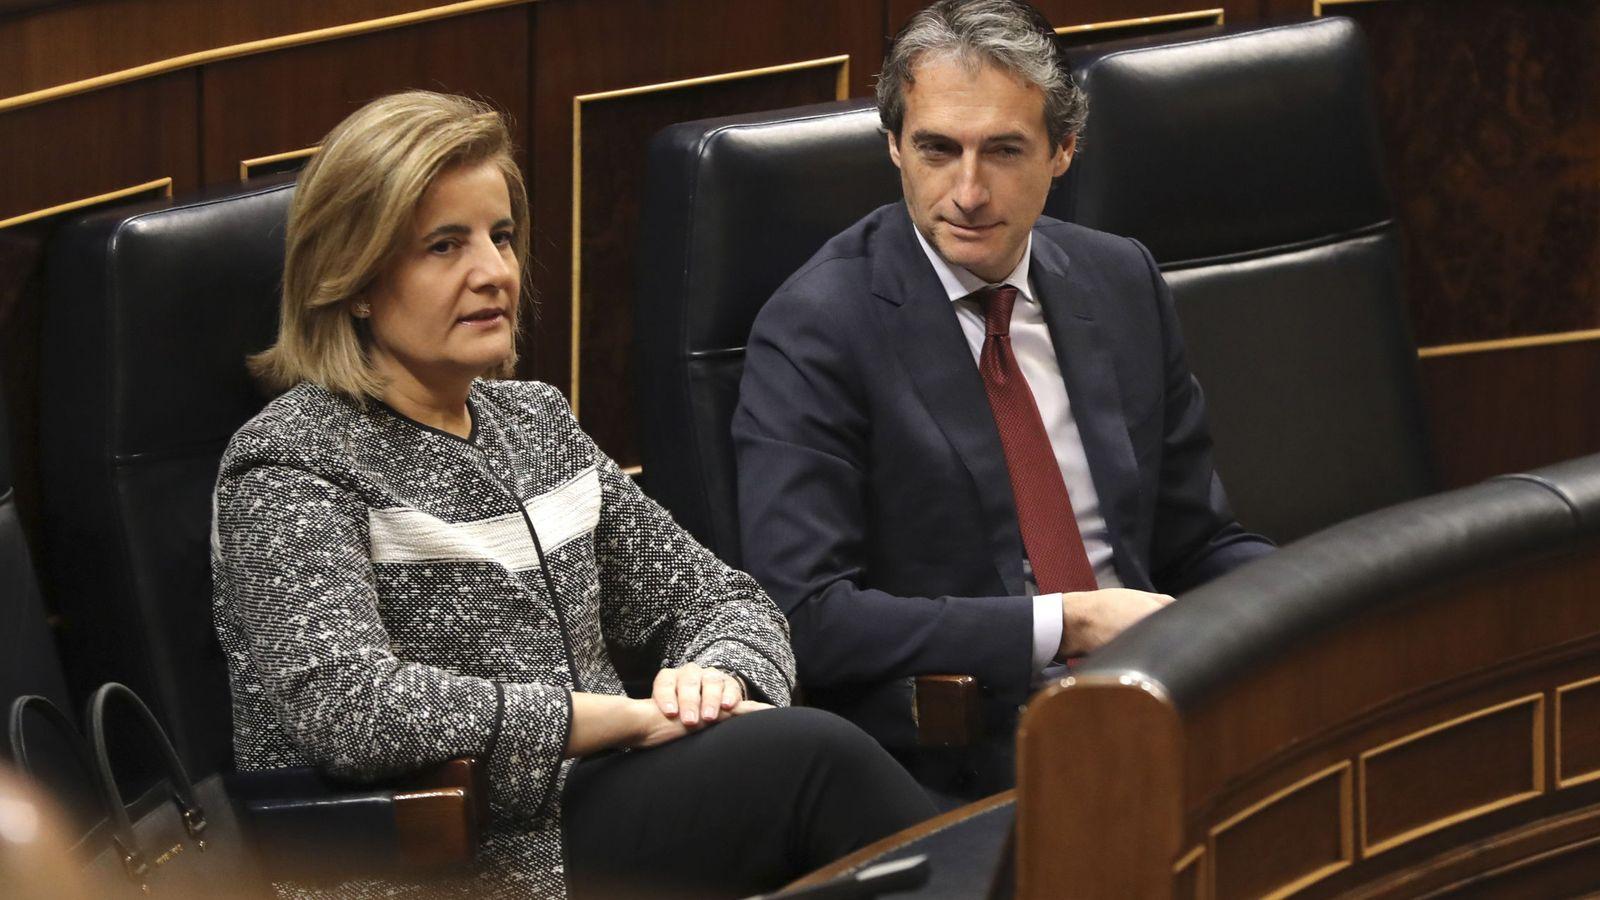 Foto: La ministra de Empleo, Fátima Báñez, junto al ministro de Fomento, Íñigo de la Serna. (EFE)